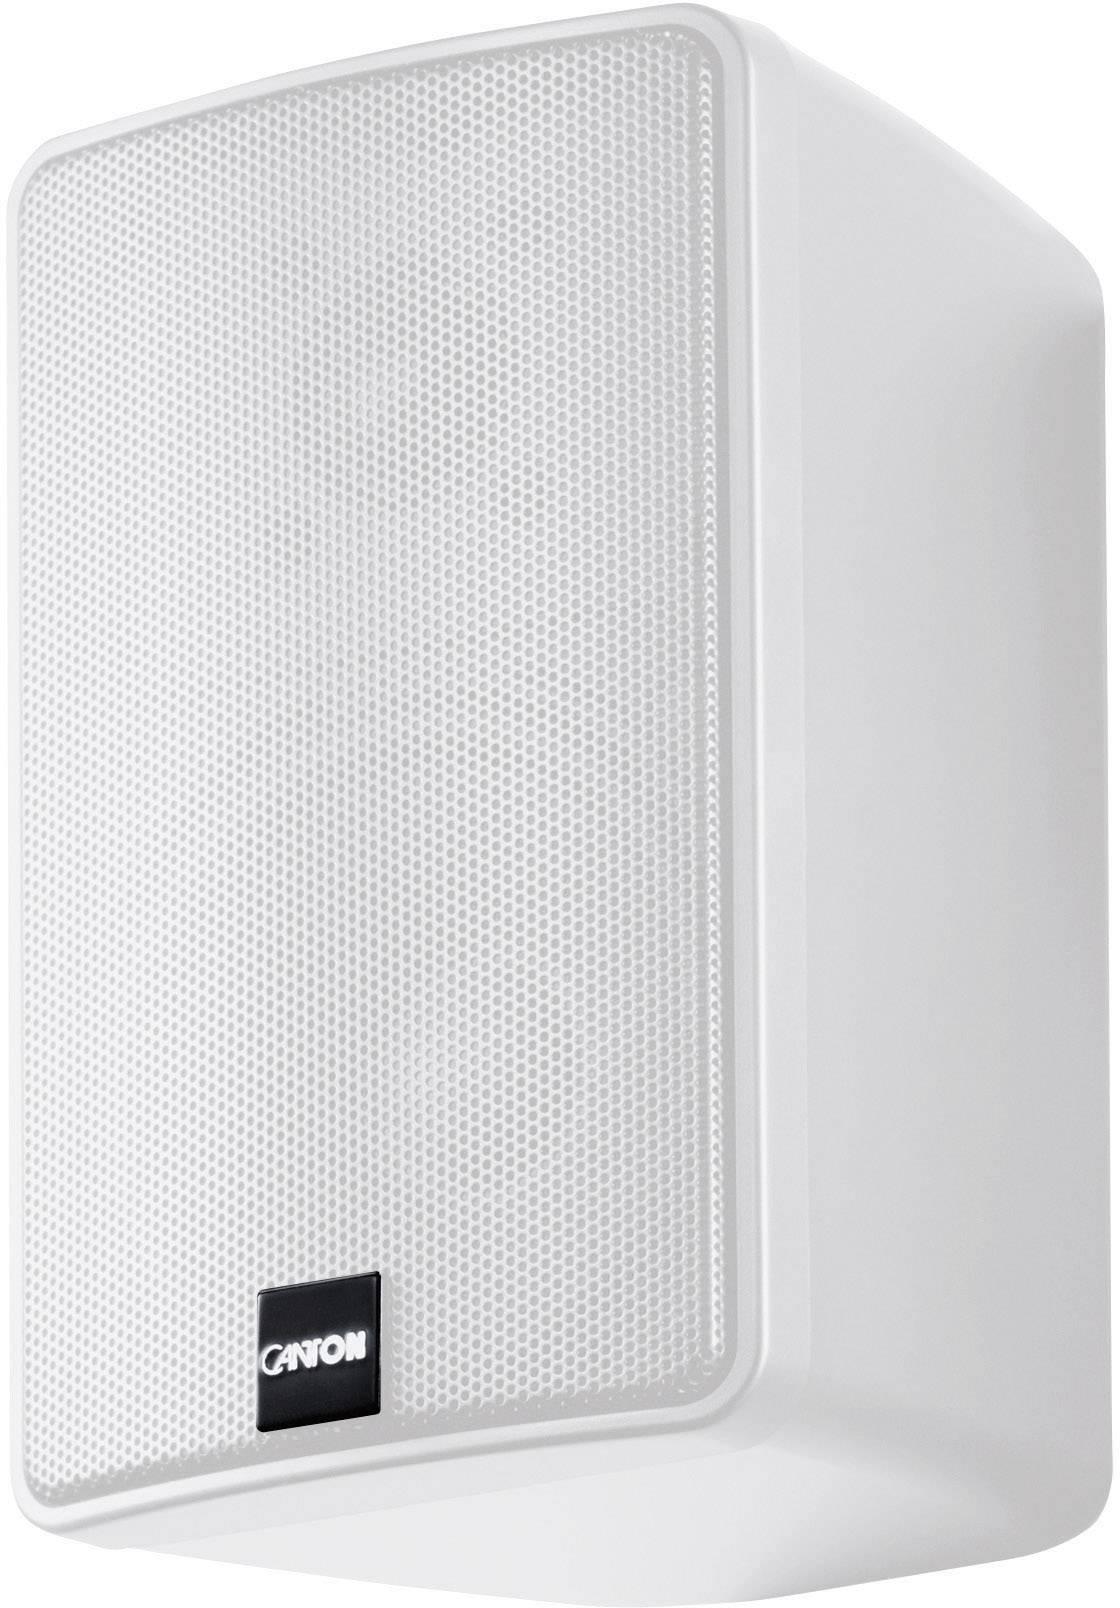 Regálový reproduktor Canton Plus GX.3, 45 do 26000 Hz, 100 W, 1 pár, biela